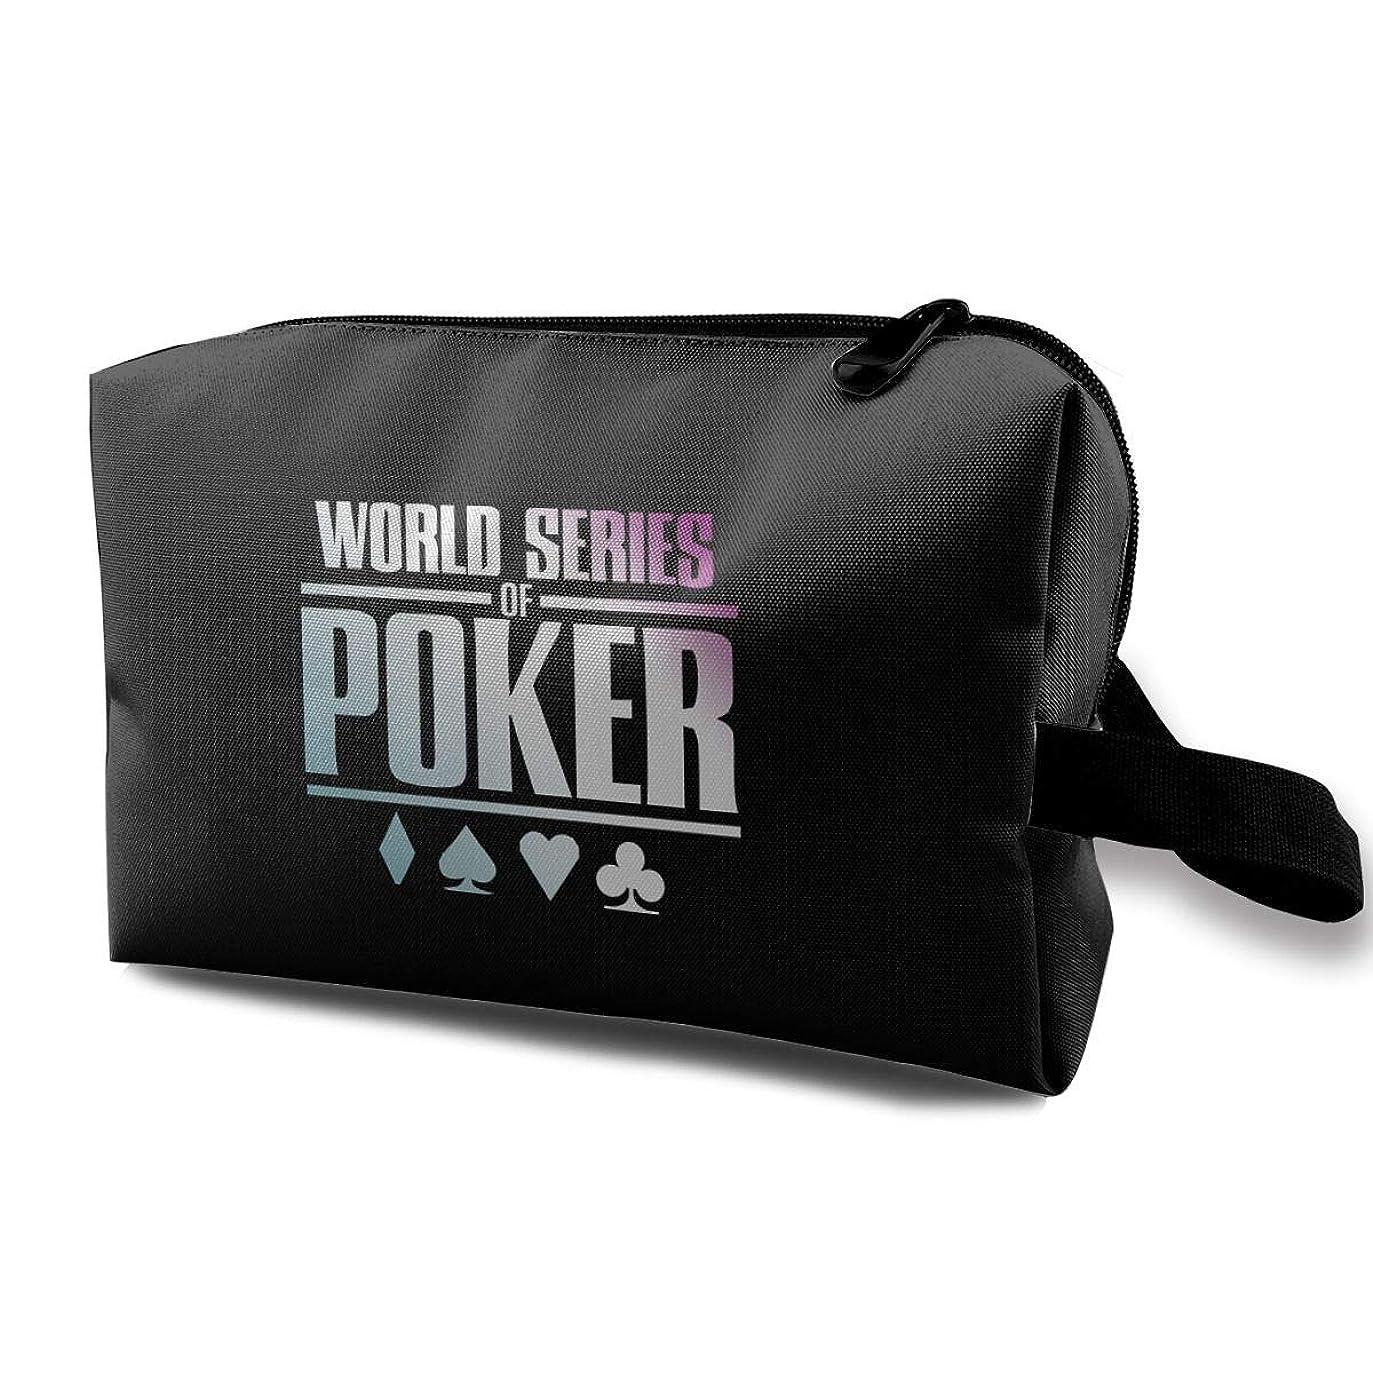 とハーフ倉庫World Series Of Poker ゲーム 化粧ポーチ メイクポーチ コスメケース 洗面用具入れ 小物入れ 大容量 化粧品収納 コスメ 出張 海外 旅行バッグ 普段使い 軽量 防水 持ち運び